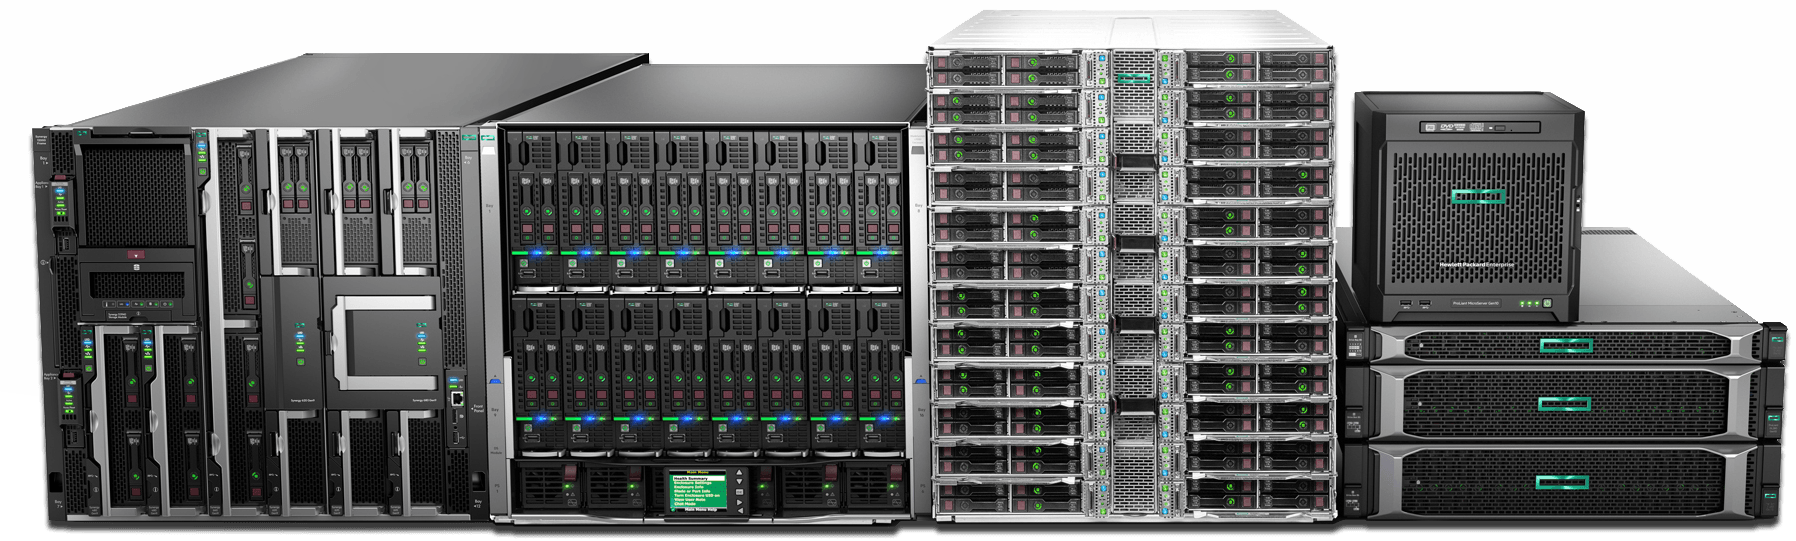 HPE Server Family